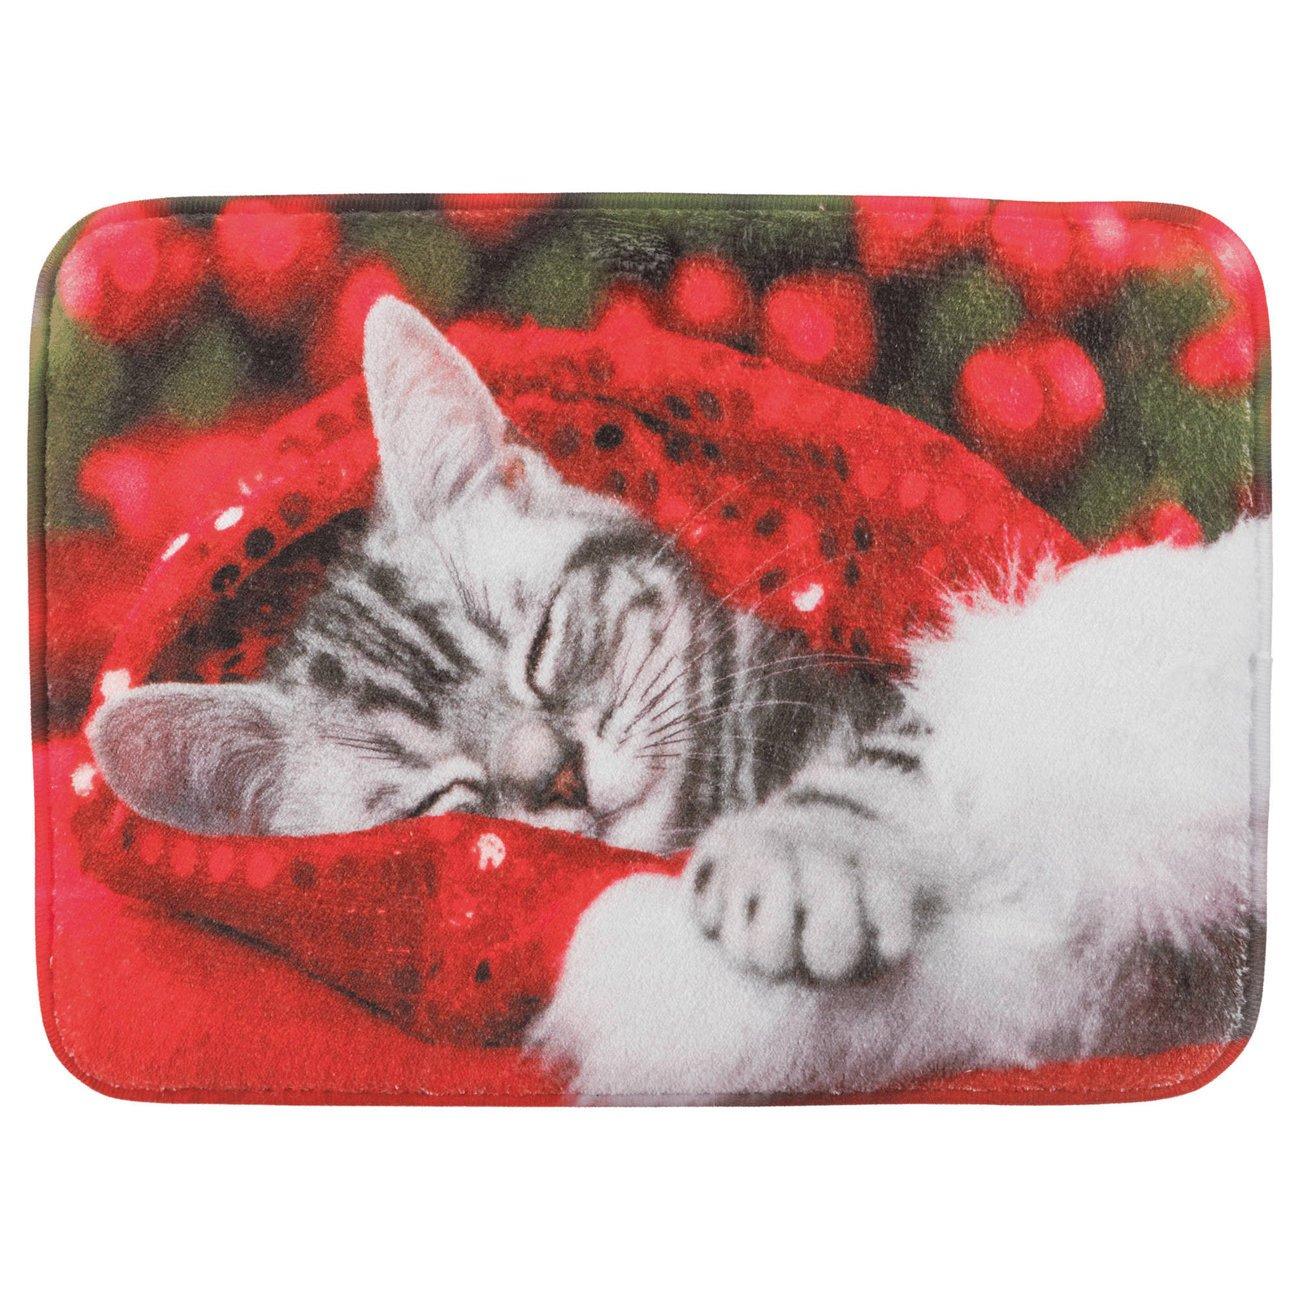 Trixie Weihnachts Liegematte mit Motiv, 40 x 30 cm - Motiv Katze